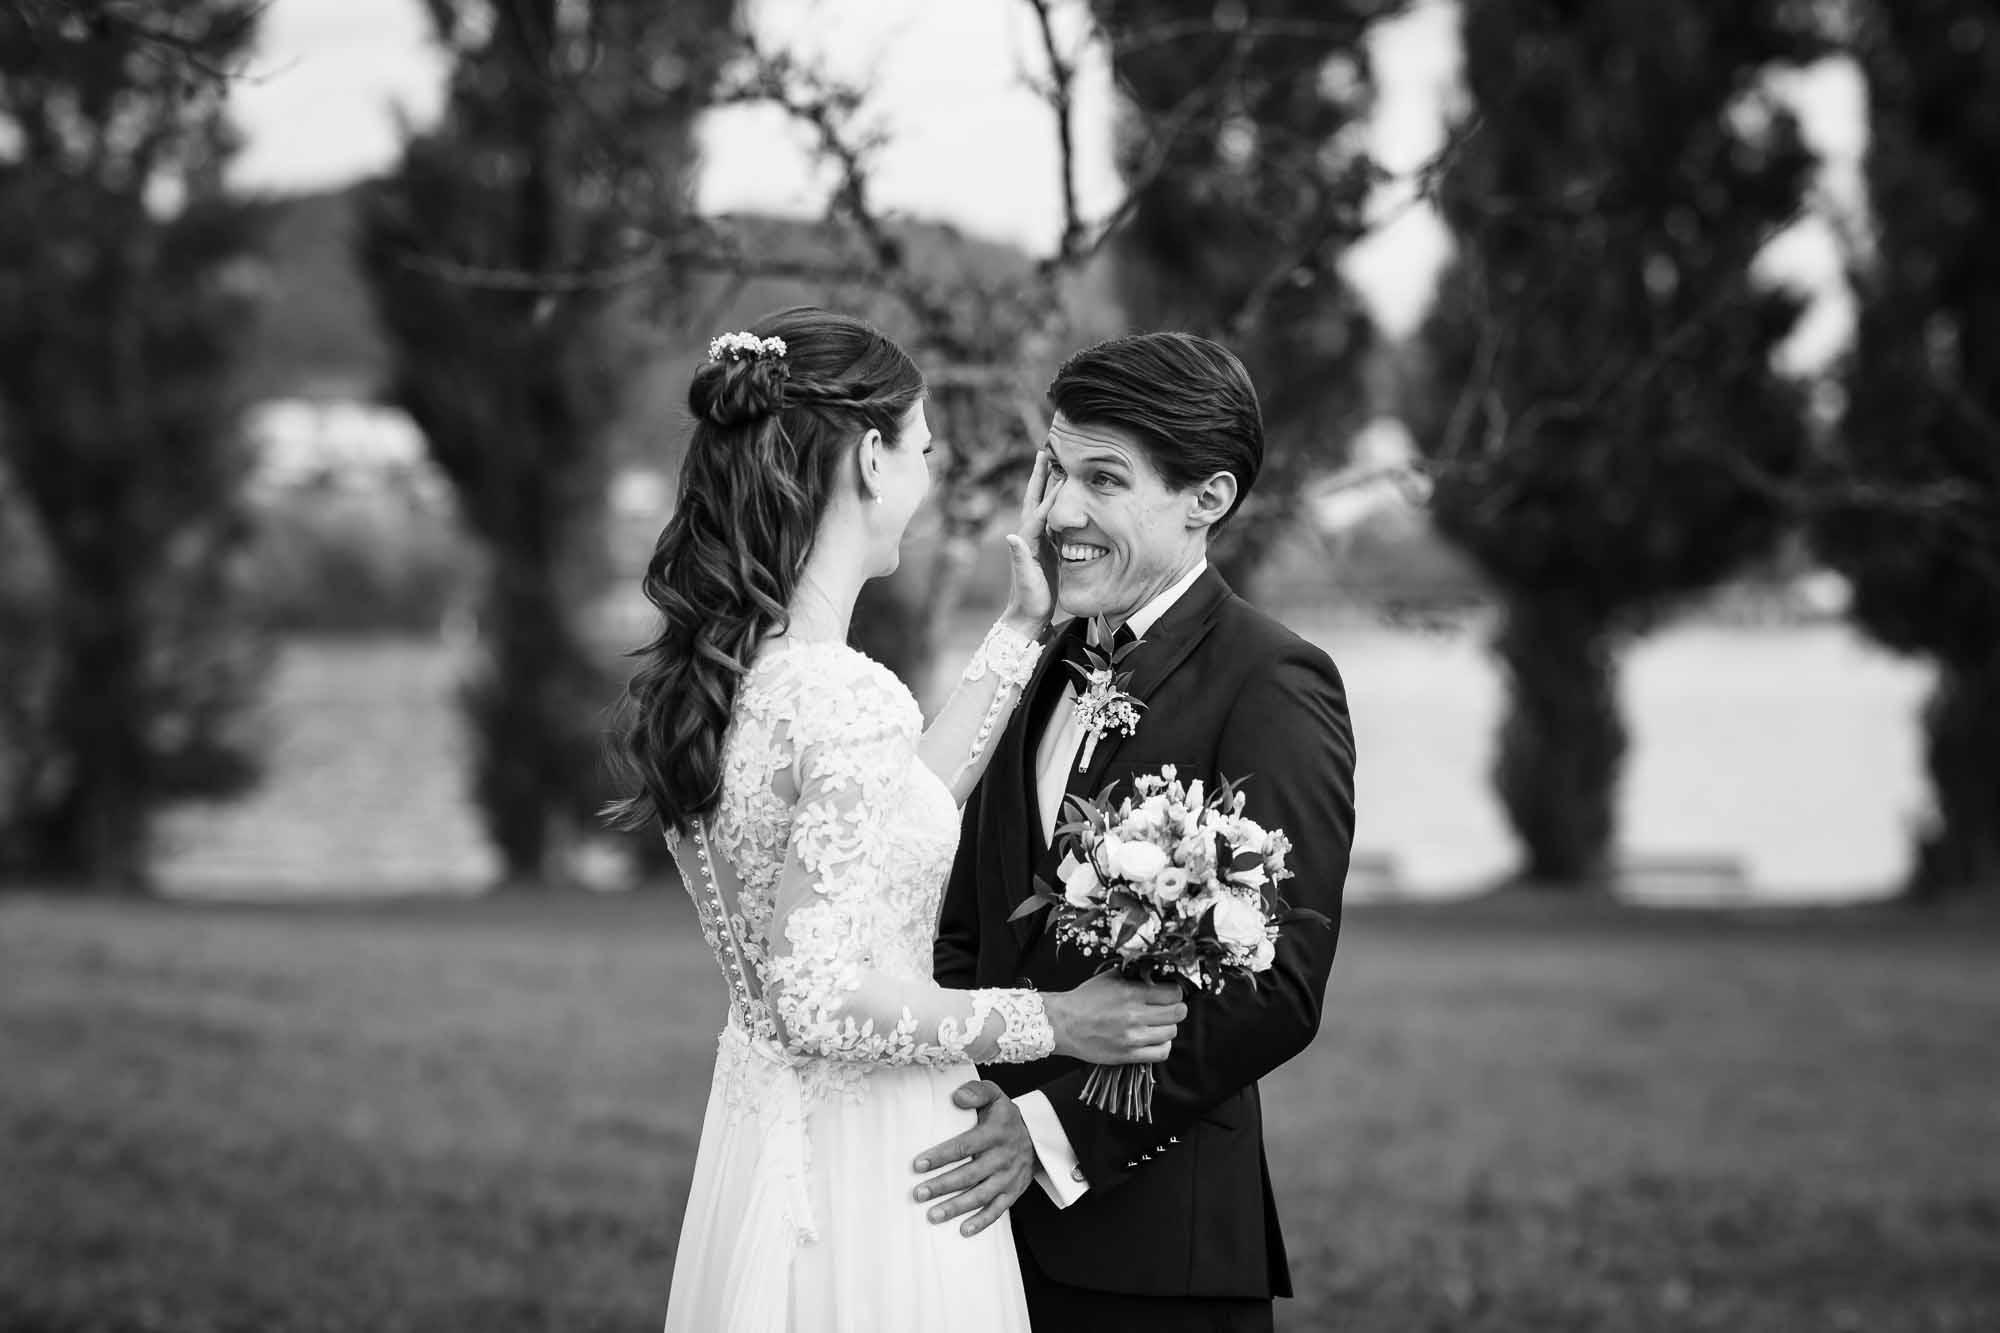 Braut wischt dem Bräutigam Freudeträne weg